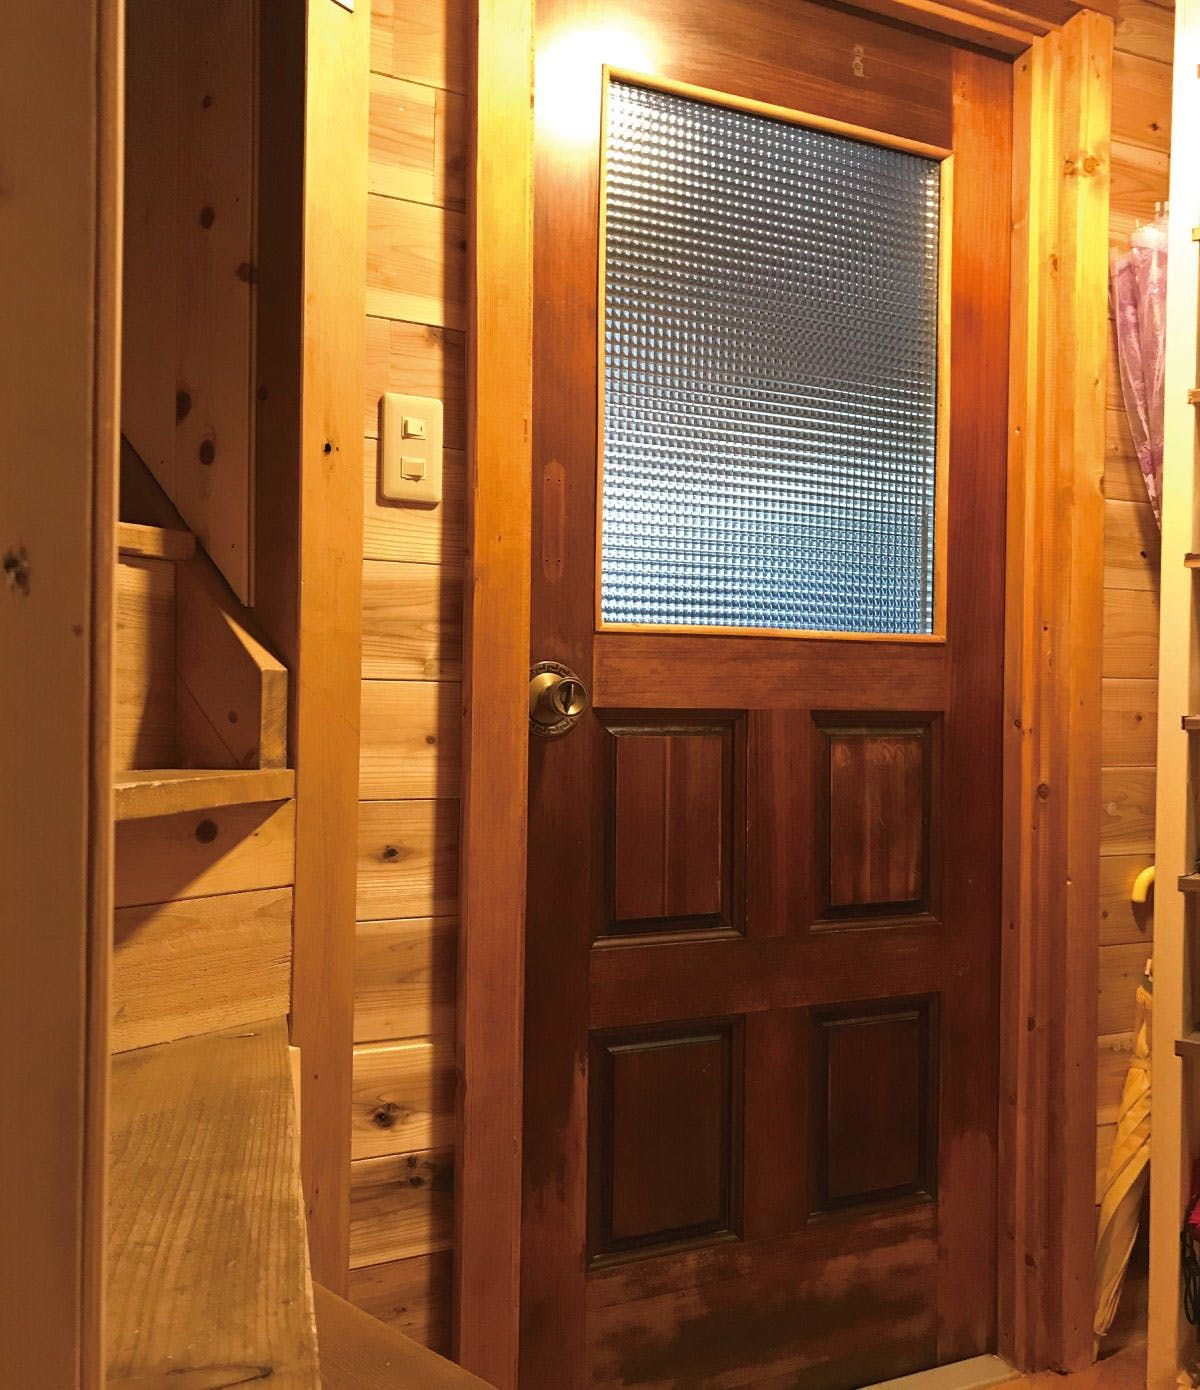 住宅のドア窓に 自然光が差し込む素敵な玄関ドアに仕上がりました